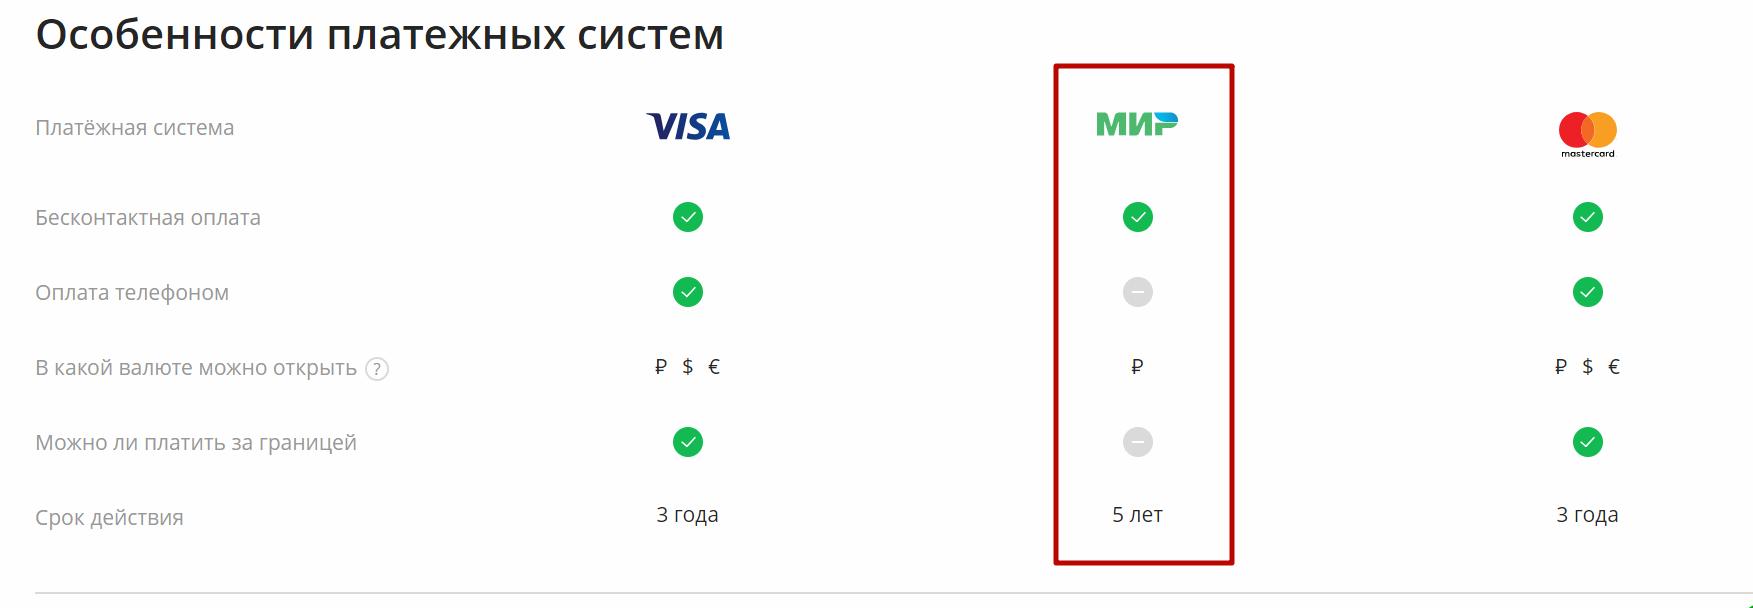 Особенности платежной системы